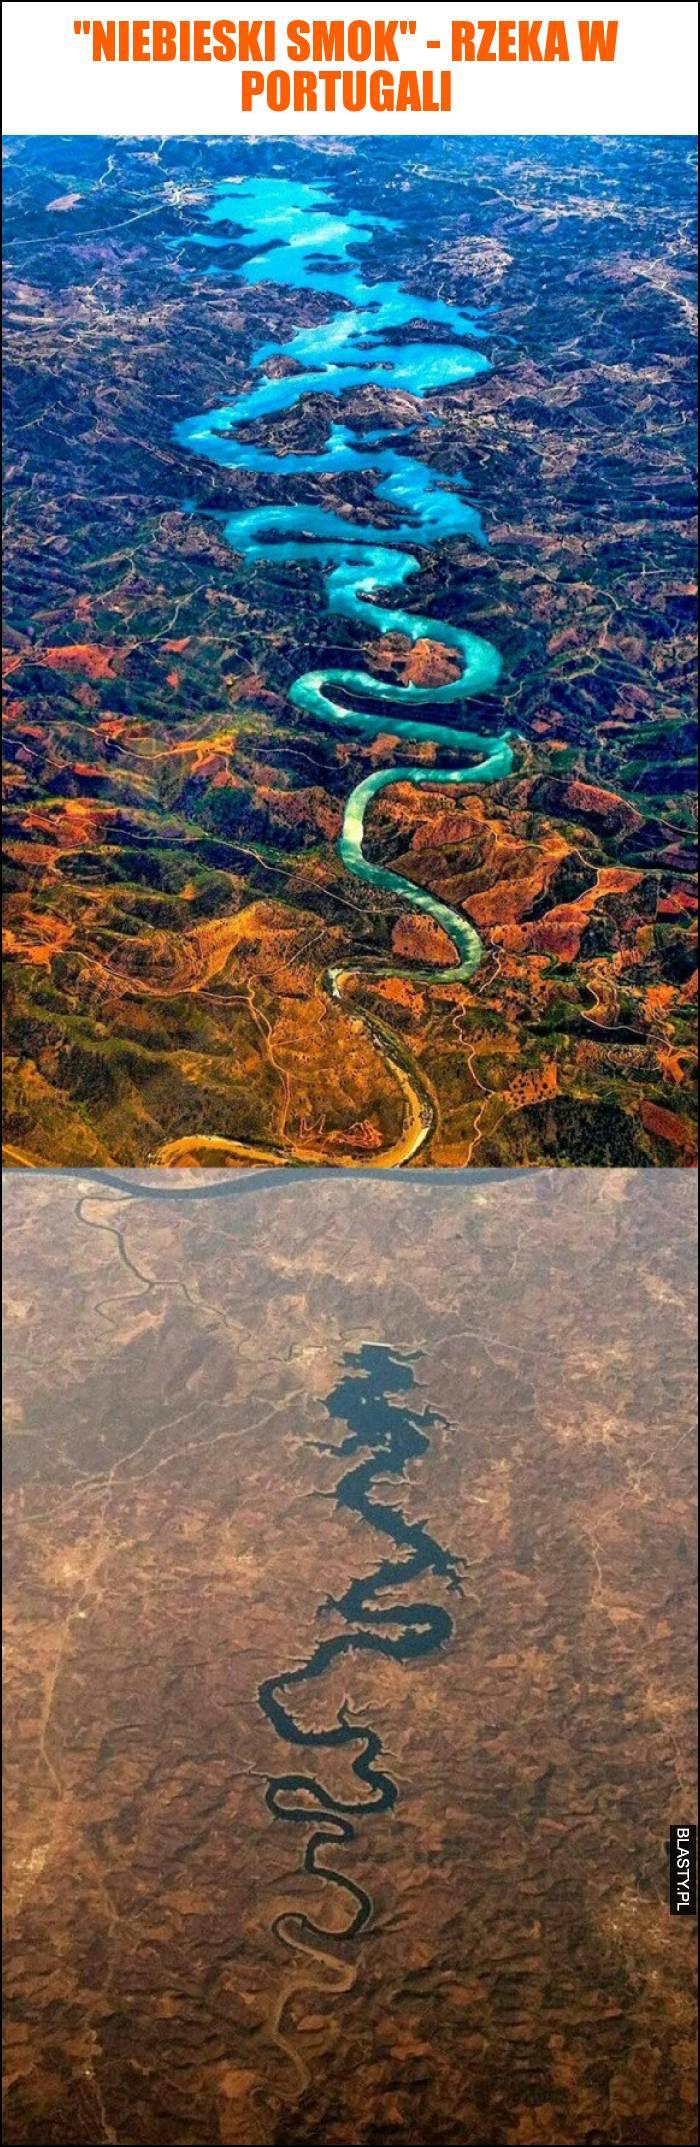 Niebieski smok - rzeka w portugali